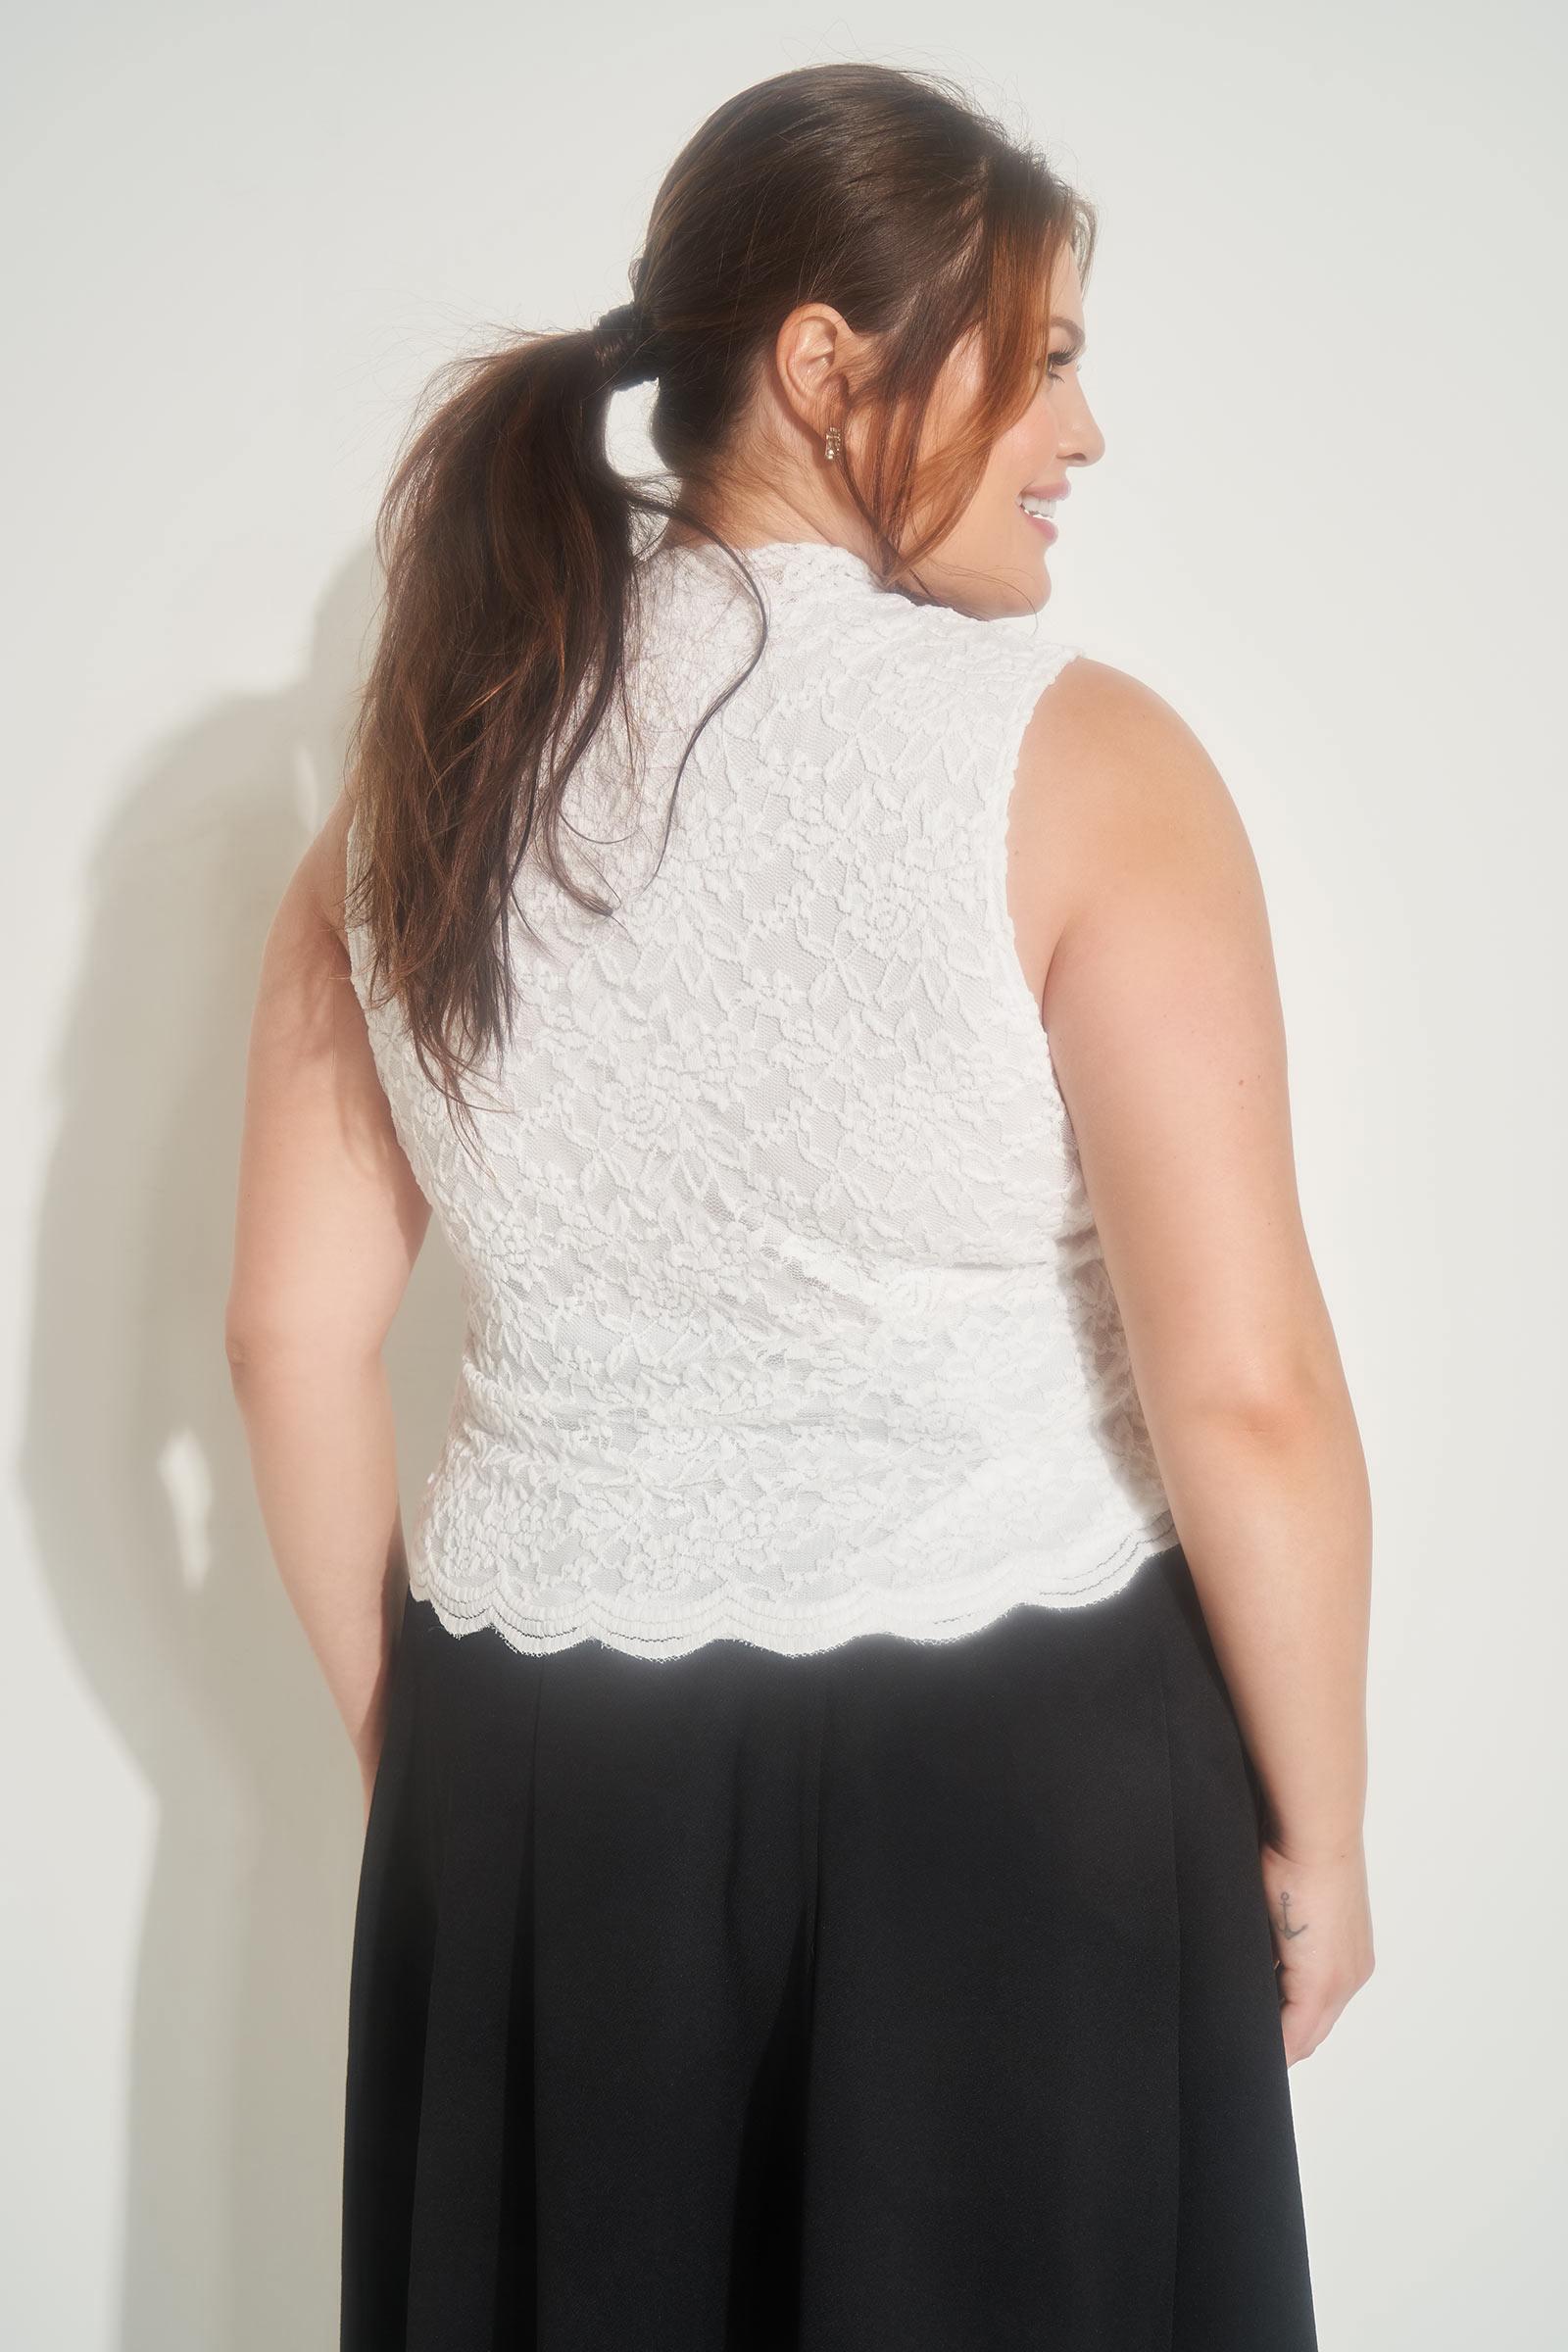 Plus Size Mock Neck Lace Top